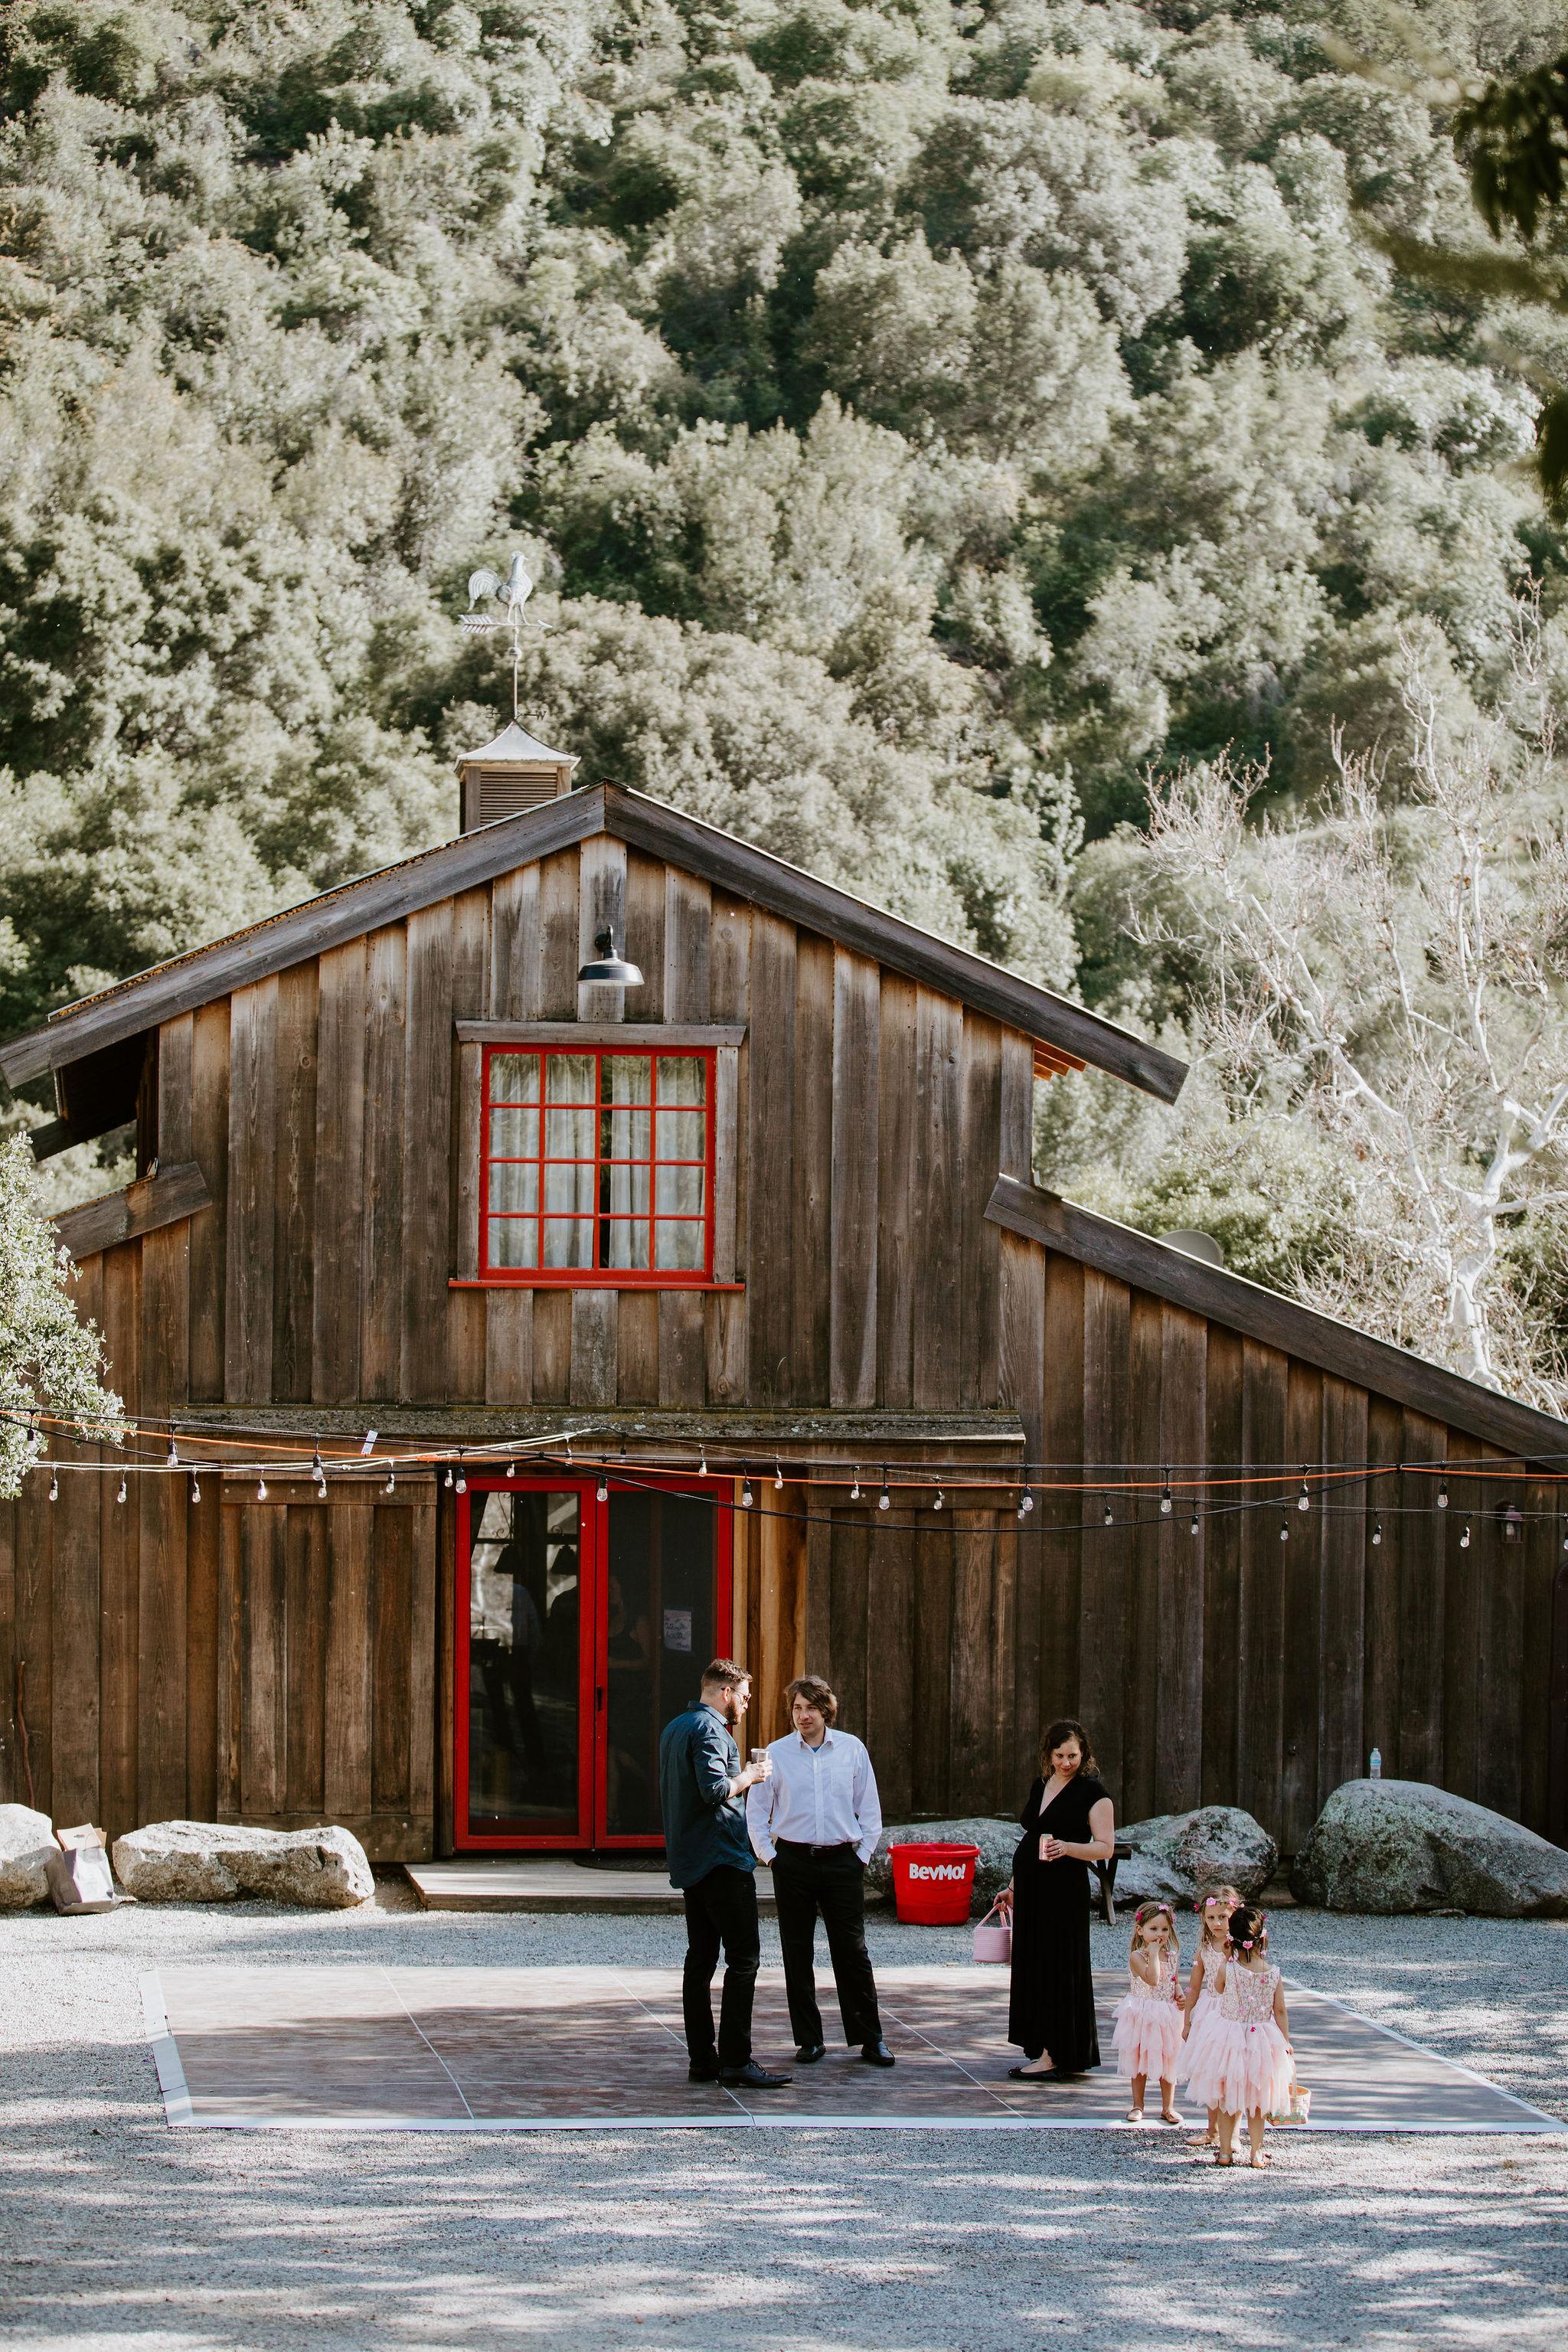 RedwoodRanch_Geoff&LyndsiPhotography_Mike&Amanda_GettingReady56.jpg